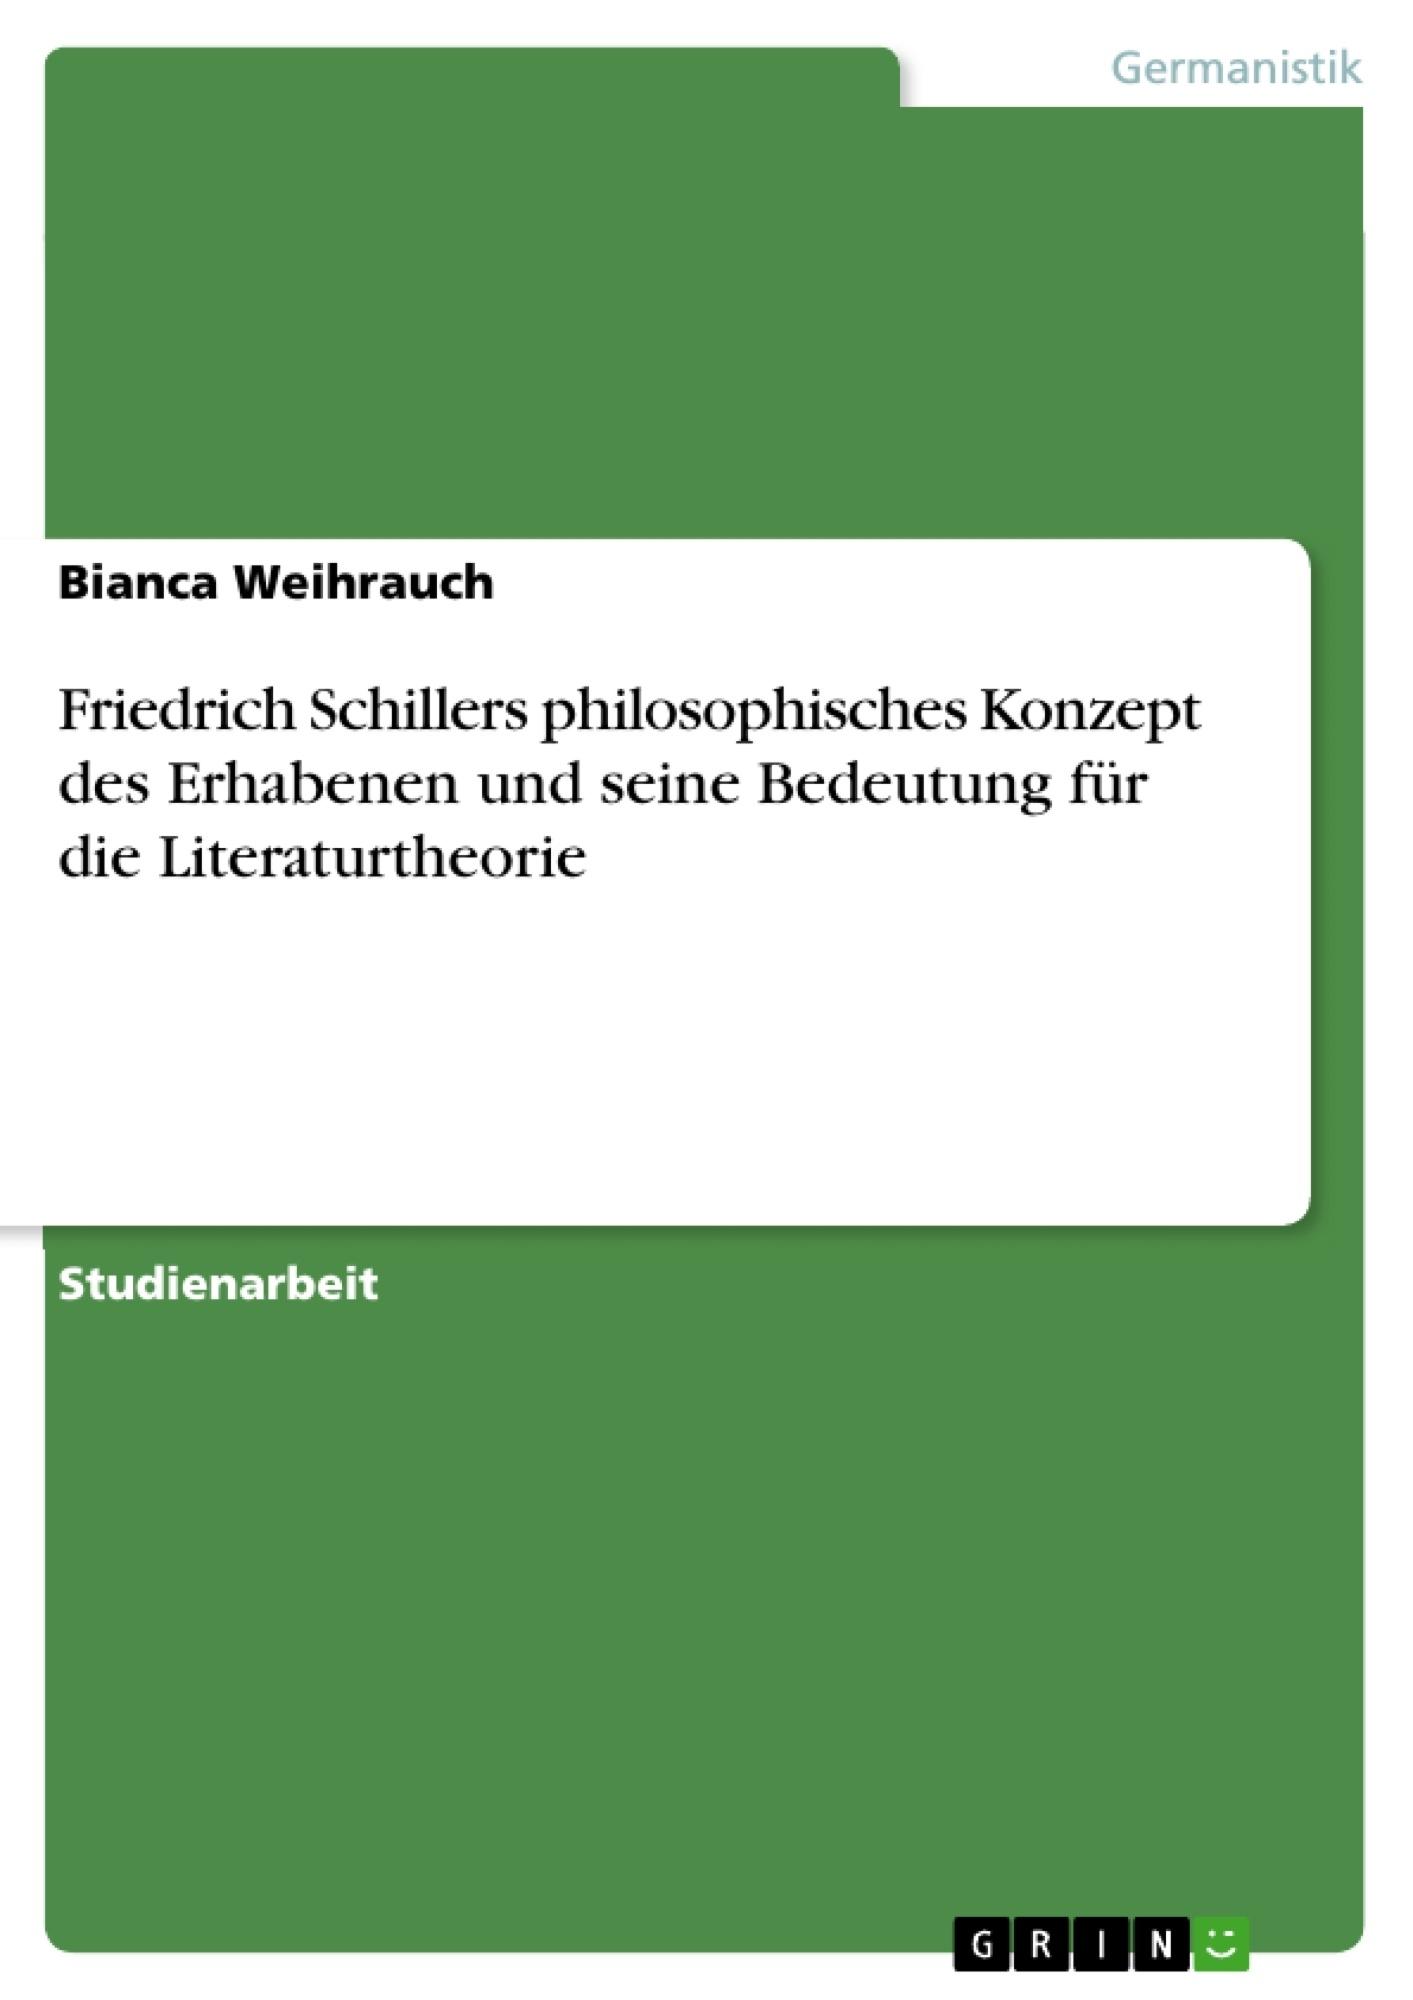 Titel: Friedrich Schillers philosophisches Konzept des Erhabenen und seine Bedeutung für die Literaturtheorie